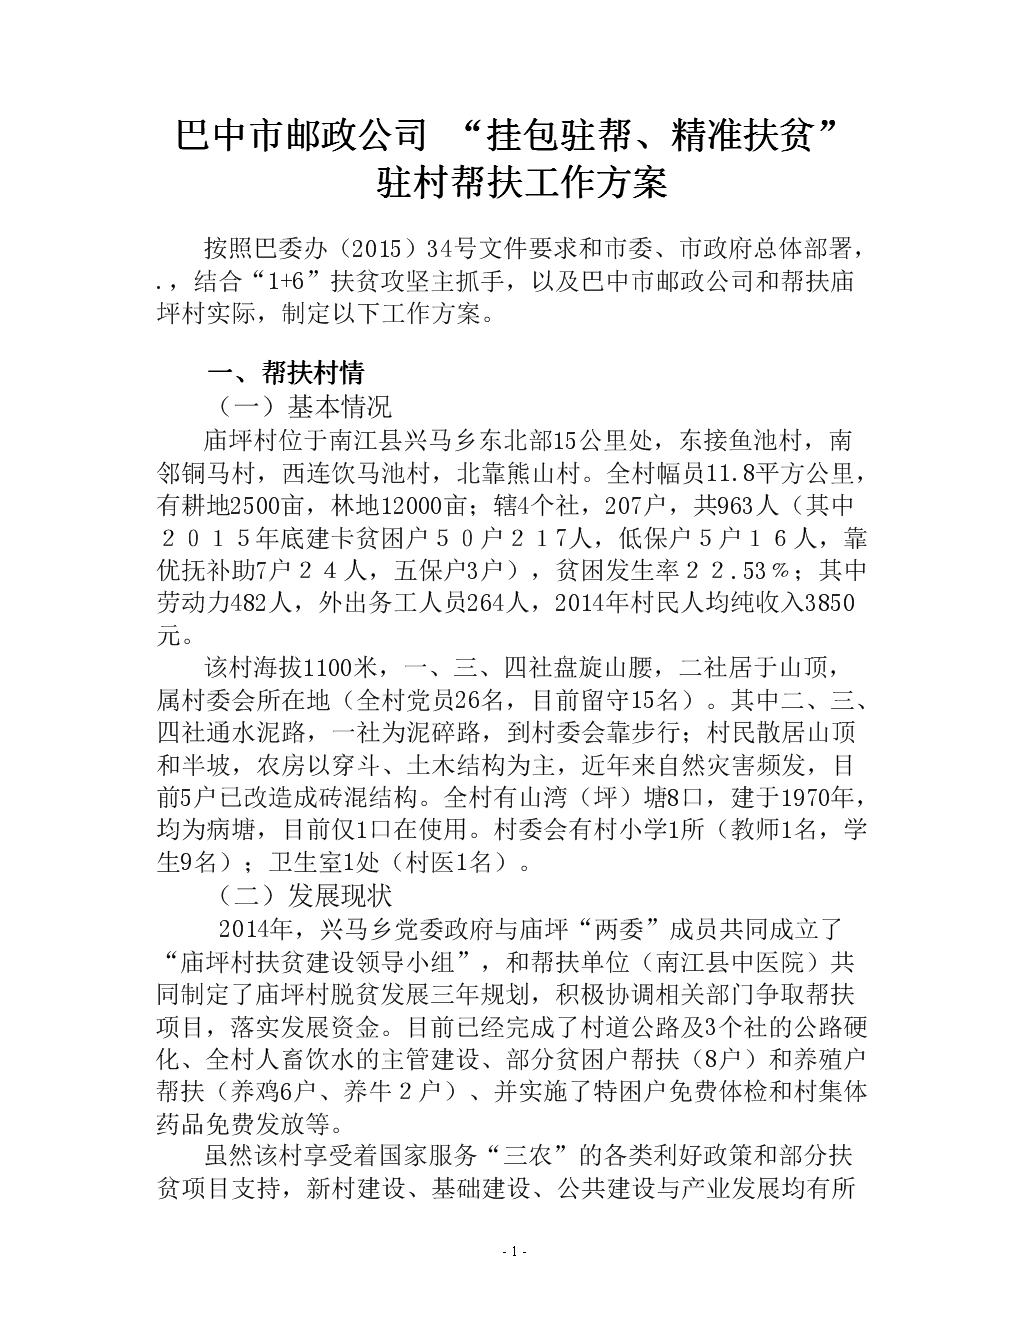 巴中市邮政公司精准扶贫工作方案.doc免费全文